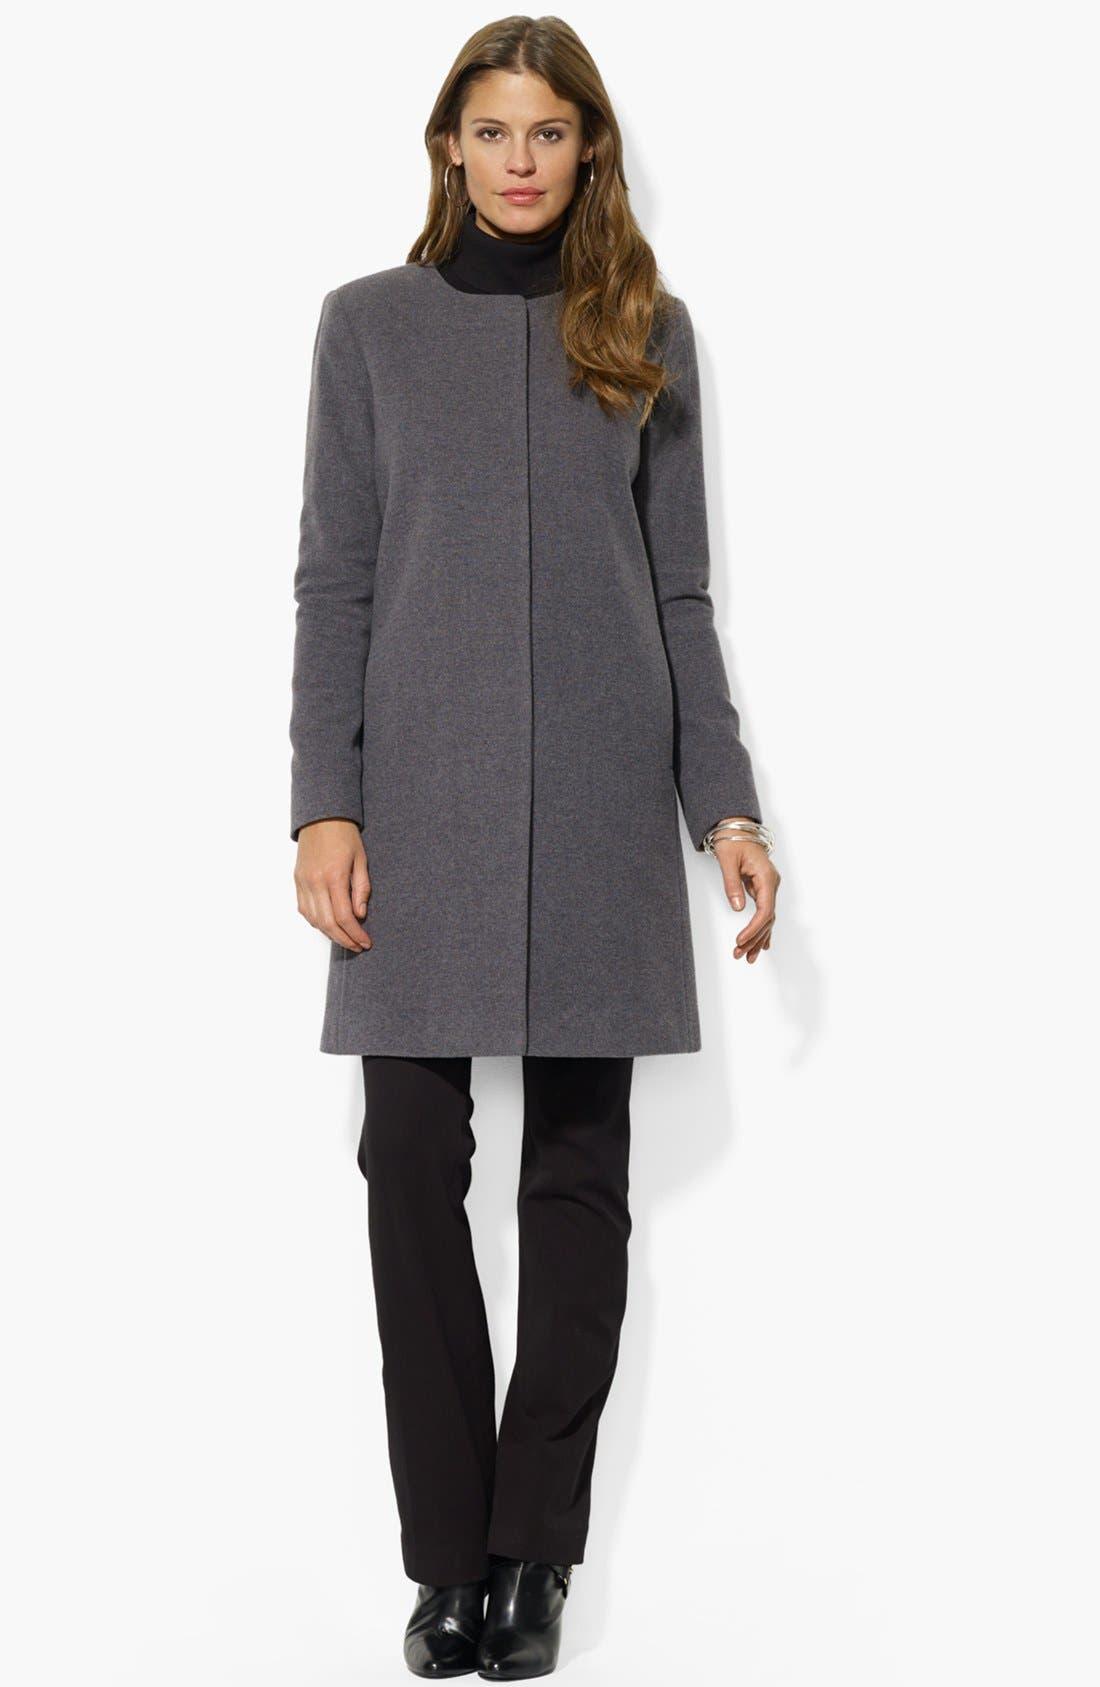 Alternate Image 1 Selected - Lauren Ralph Lauren Collarless Wool Blend Coat (Online Only)